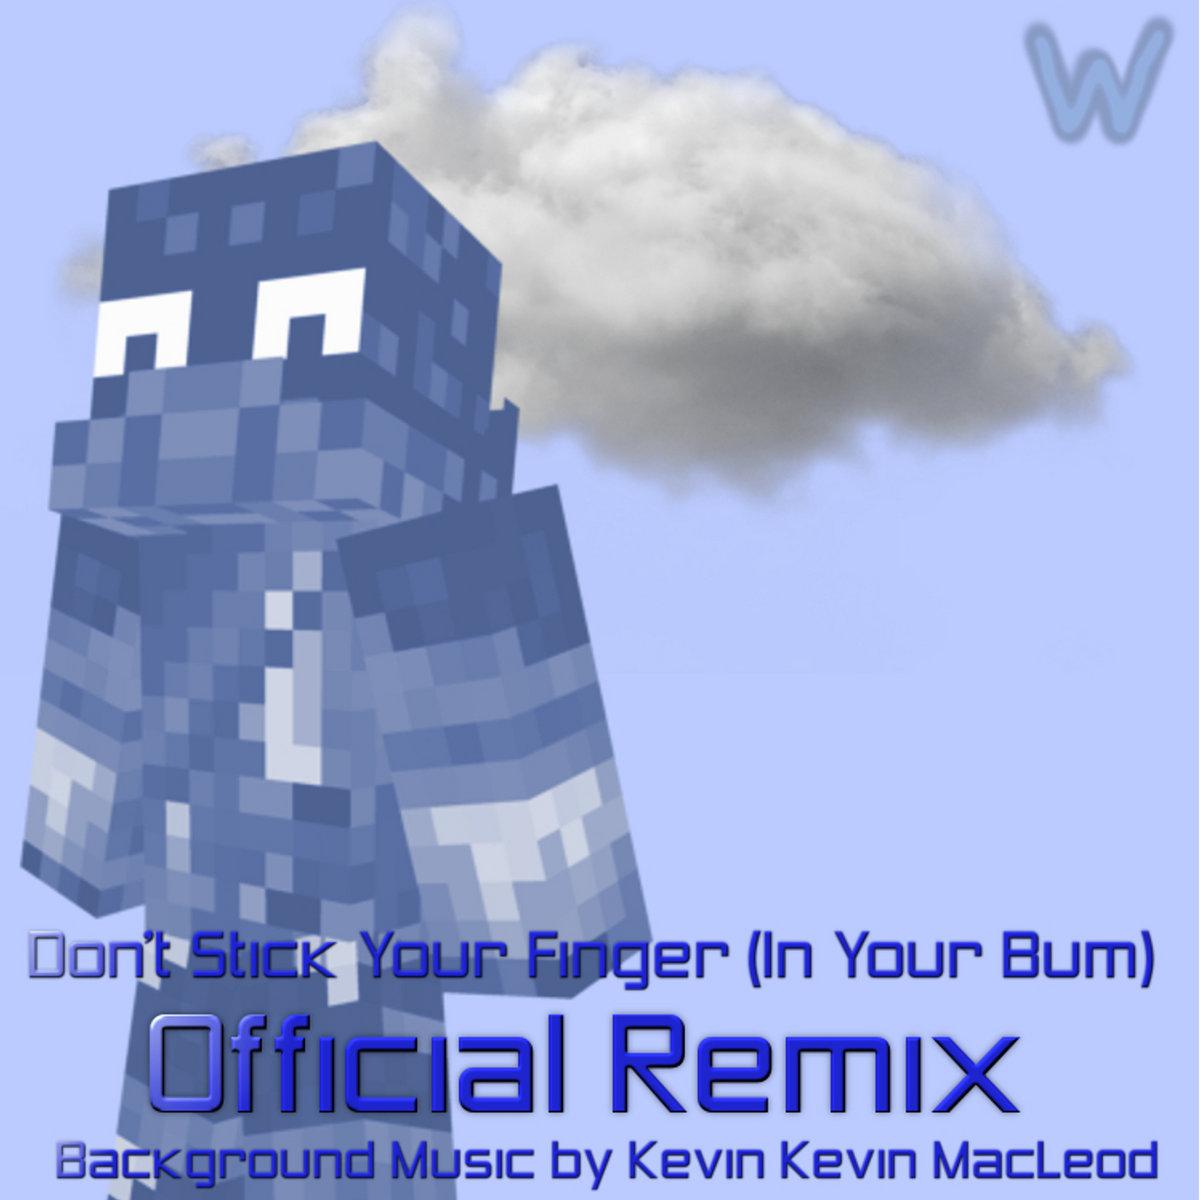 minecraft background music remix